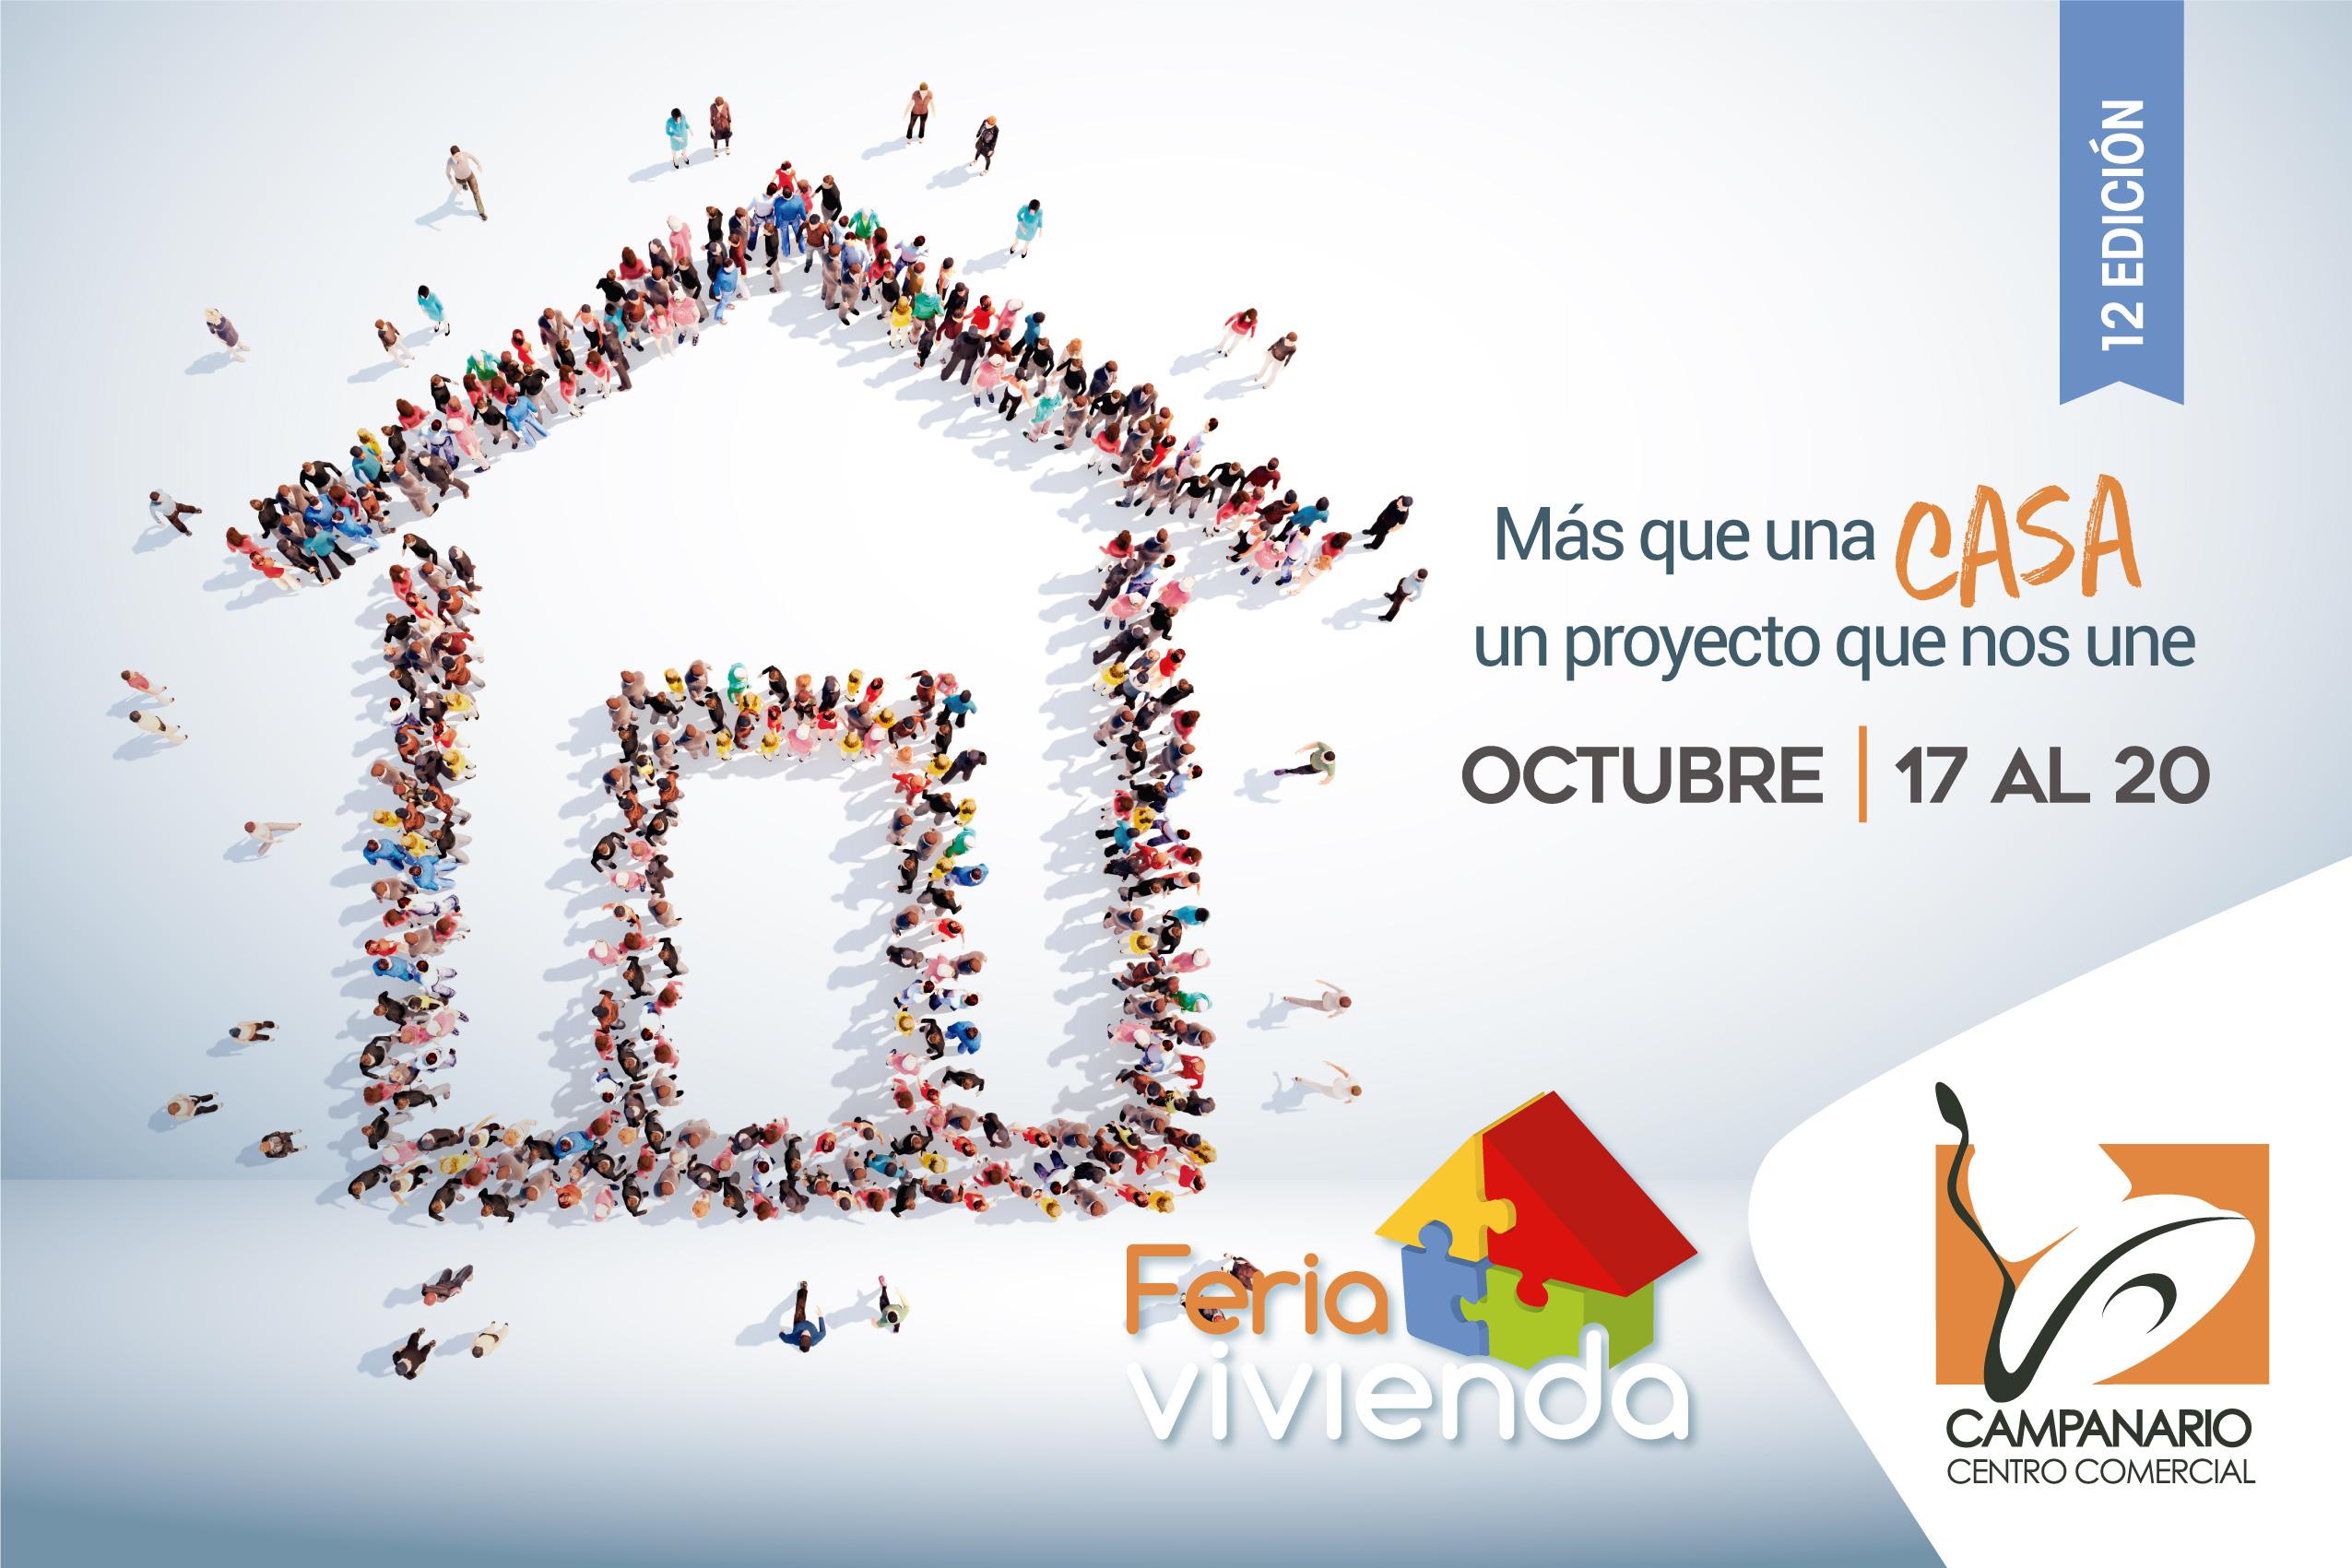 XII Feria de vivienda 2019, del 17 al 20 de octubre